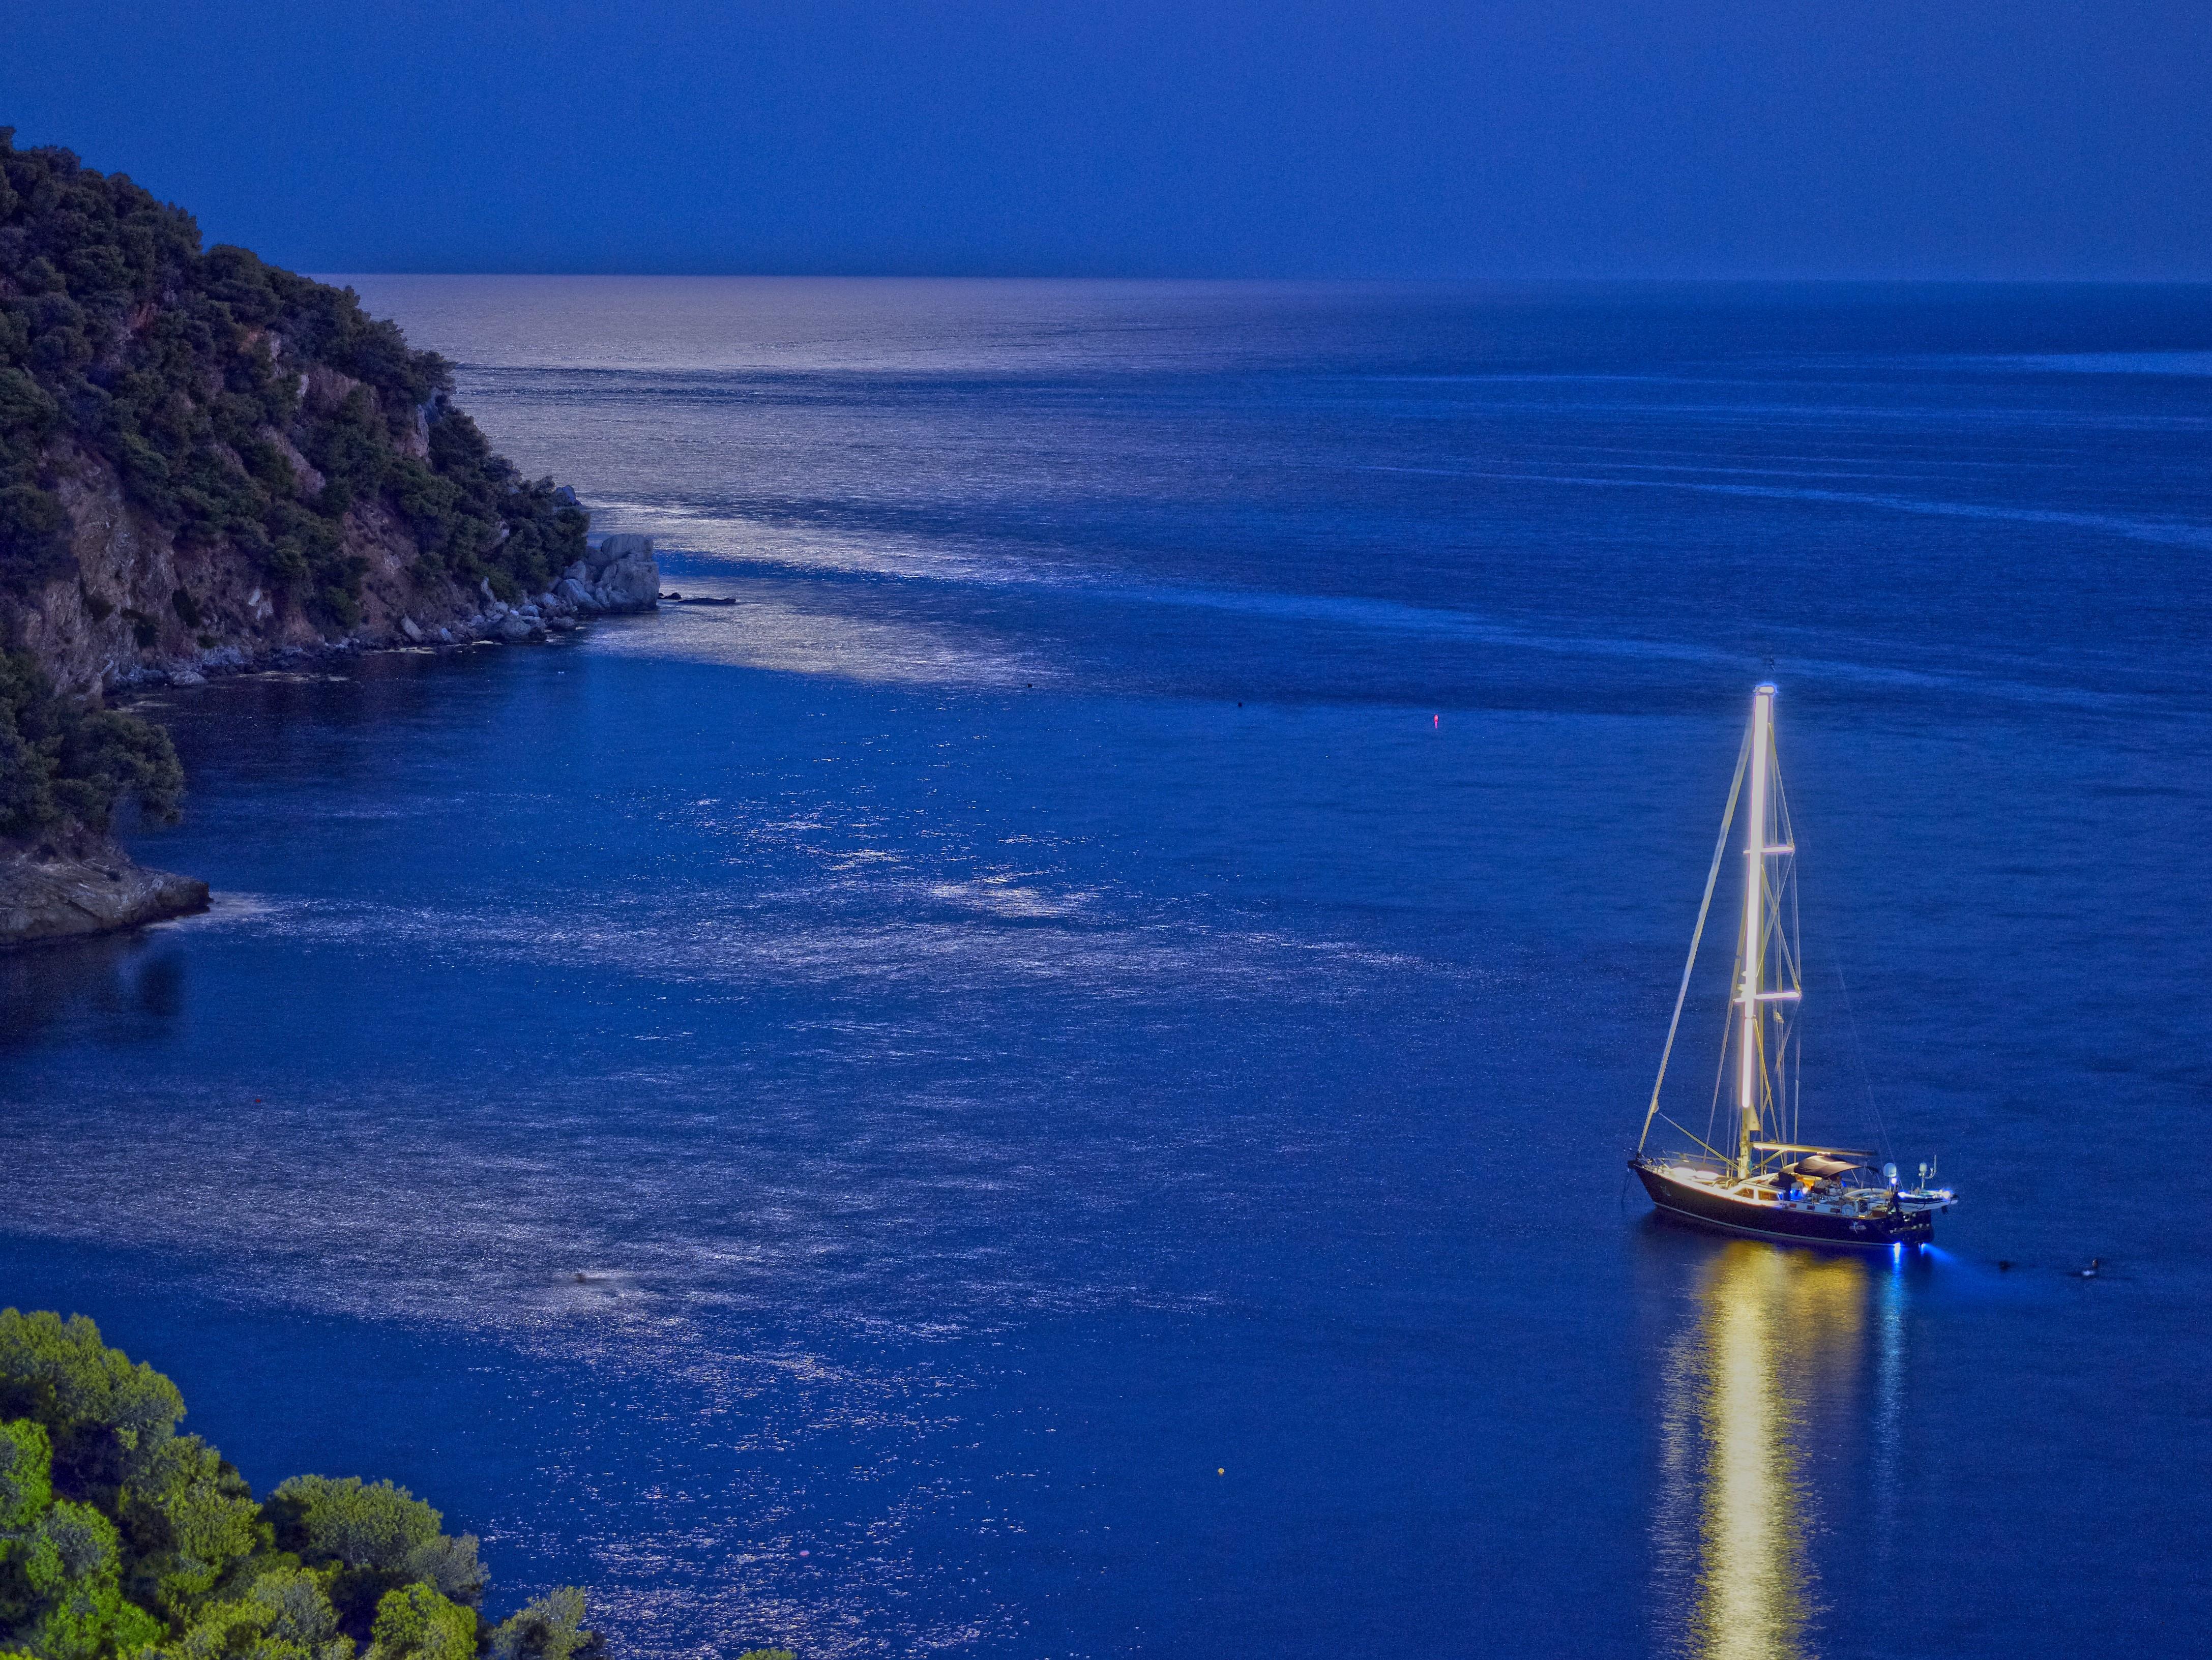 viersterrenhotel sirene blue op het griekse eiland poros selectair. Black Bedroom Furniture Sets. Home Design Ideas